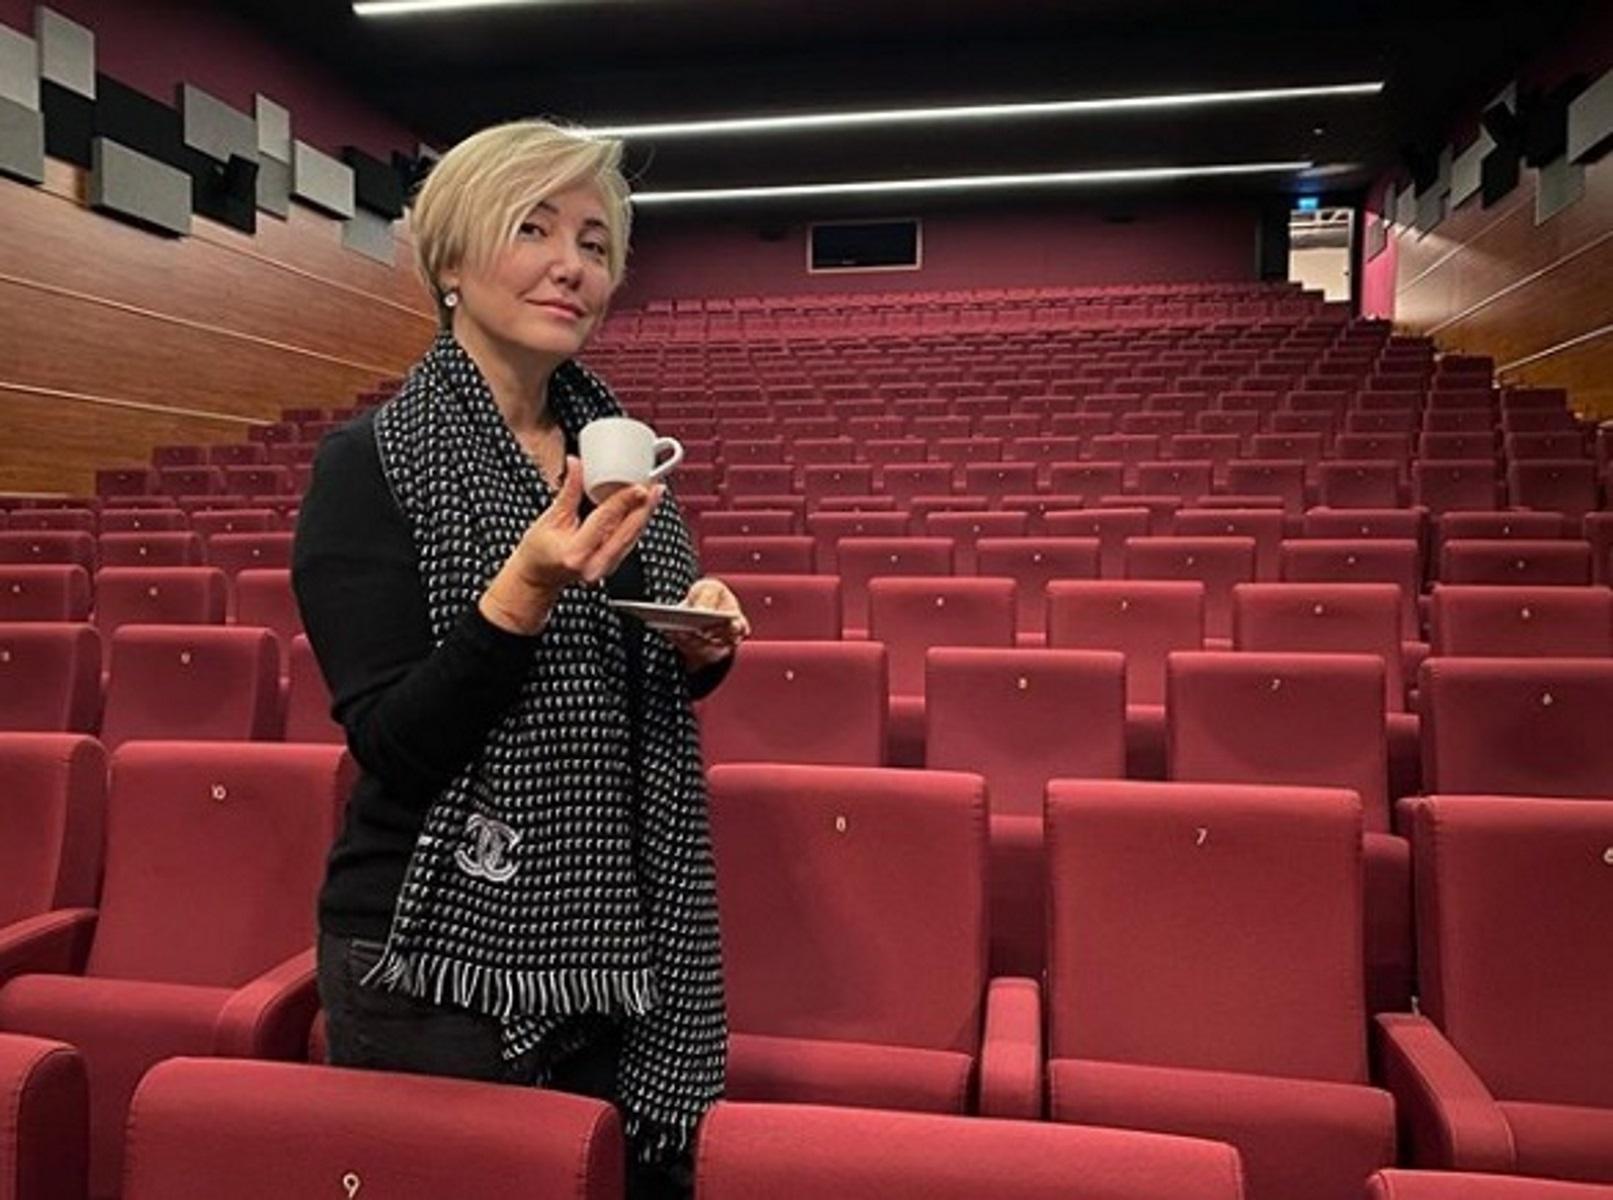 Διάσημη ηθοποιός εναντίον Ερντογάν για τον σεισμό στην Τουρκία!